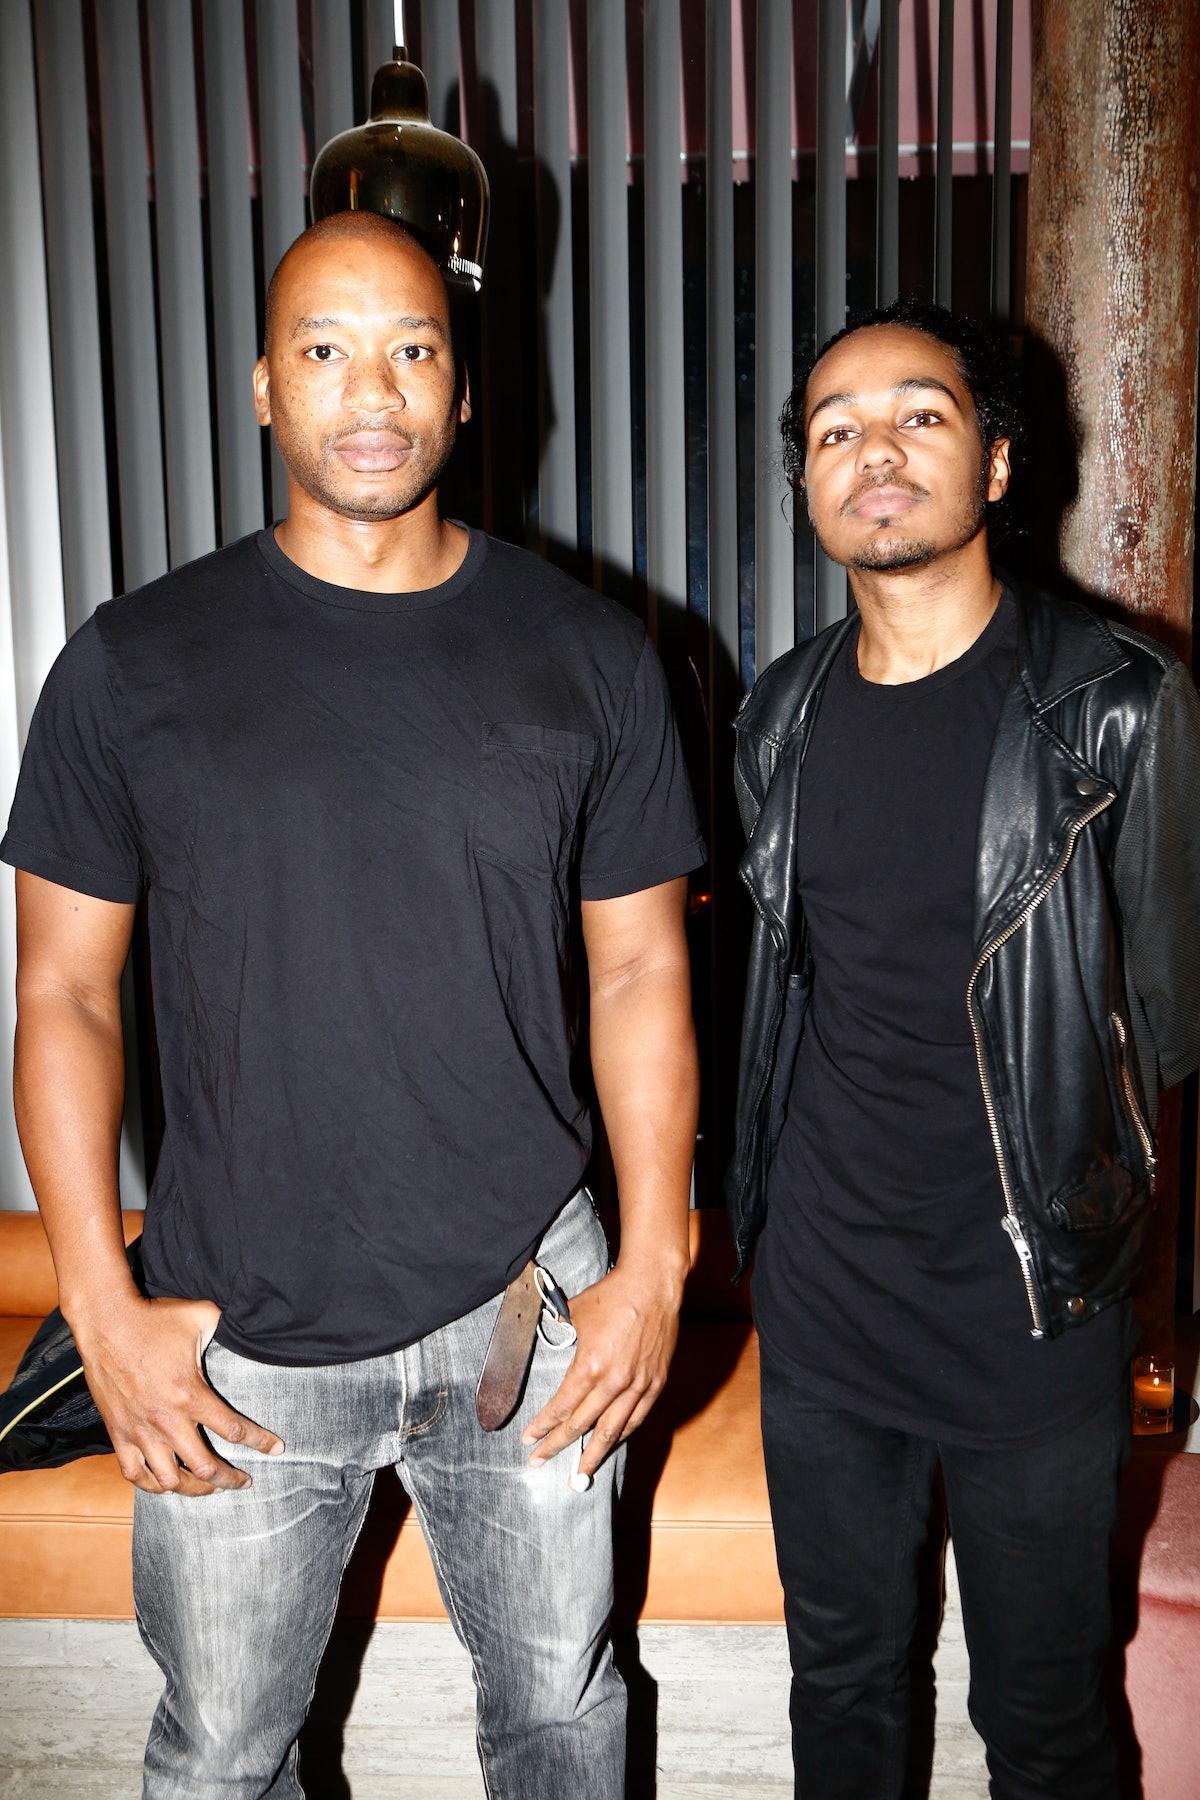 Tyson Toussant and Alex Tapia